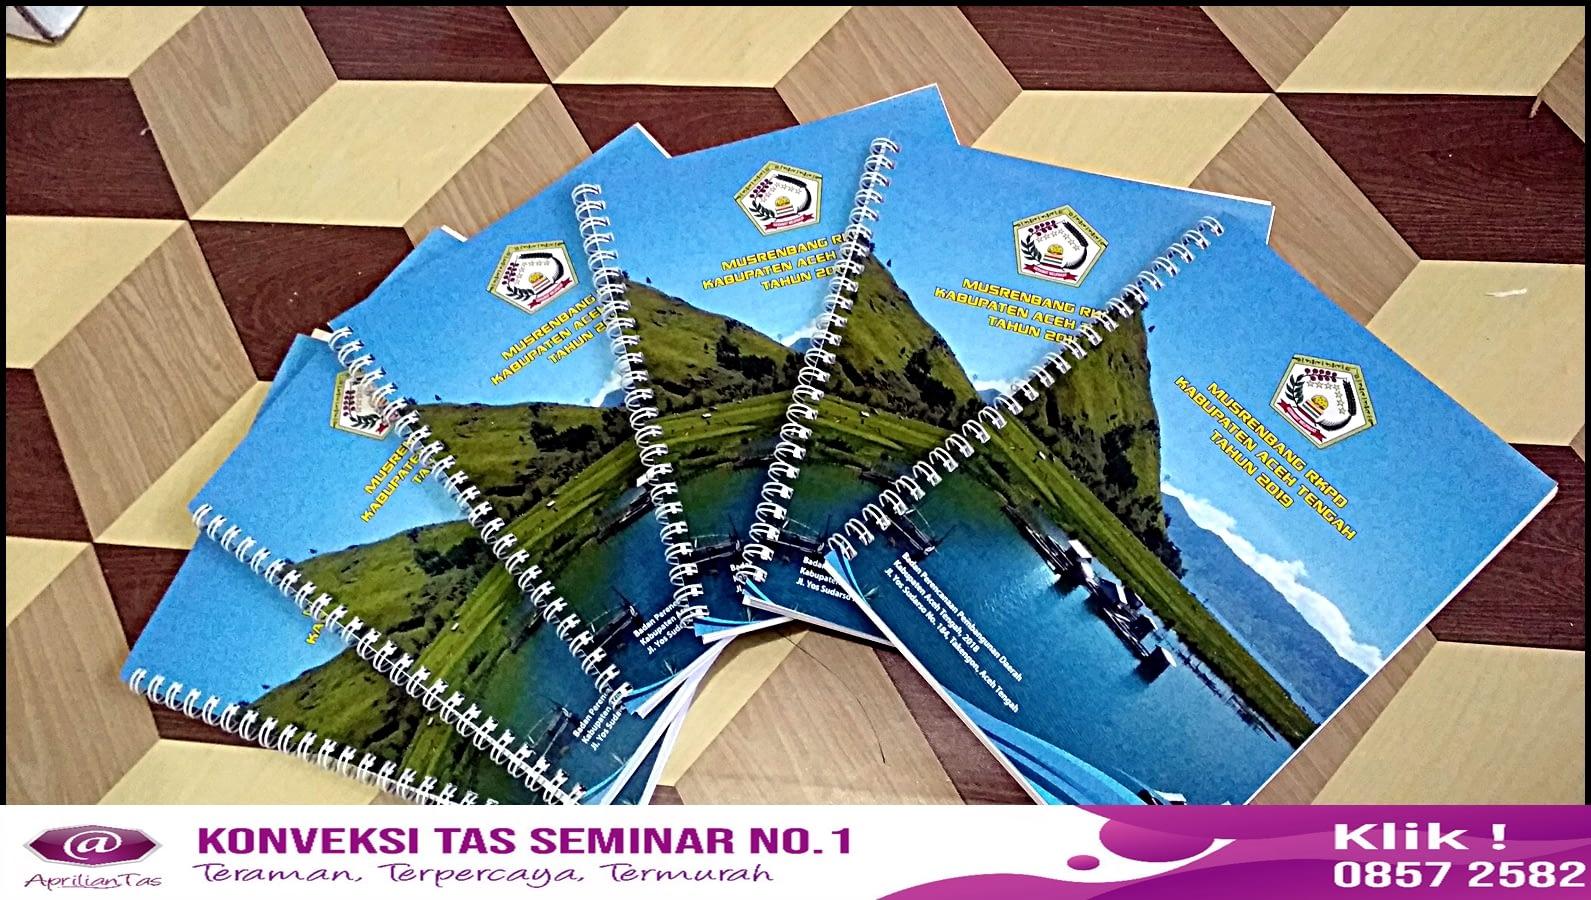 Supplier Tas Seminar Kit Terjangkau Order Pelatihan Terbaik Bandung Jual tas ransel seminar,grosir tas ransel seminar,tas seminar surabaya,tas selempang seminar,